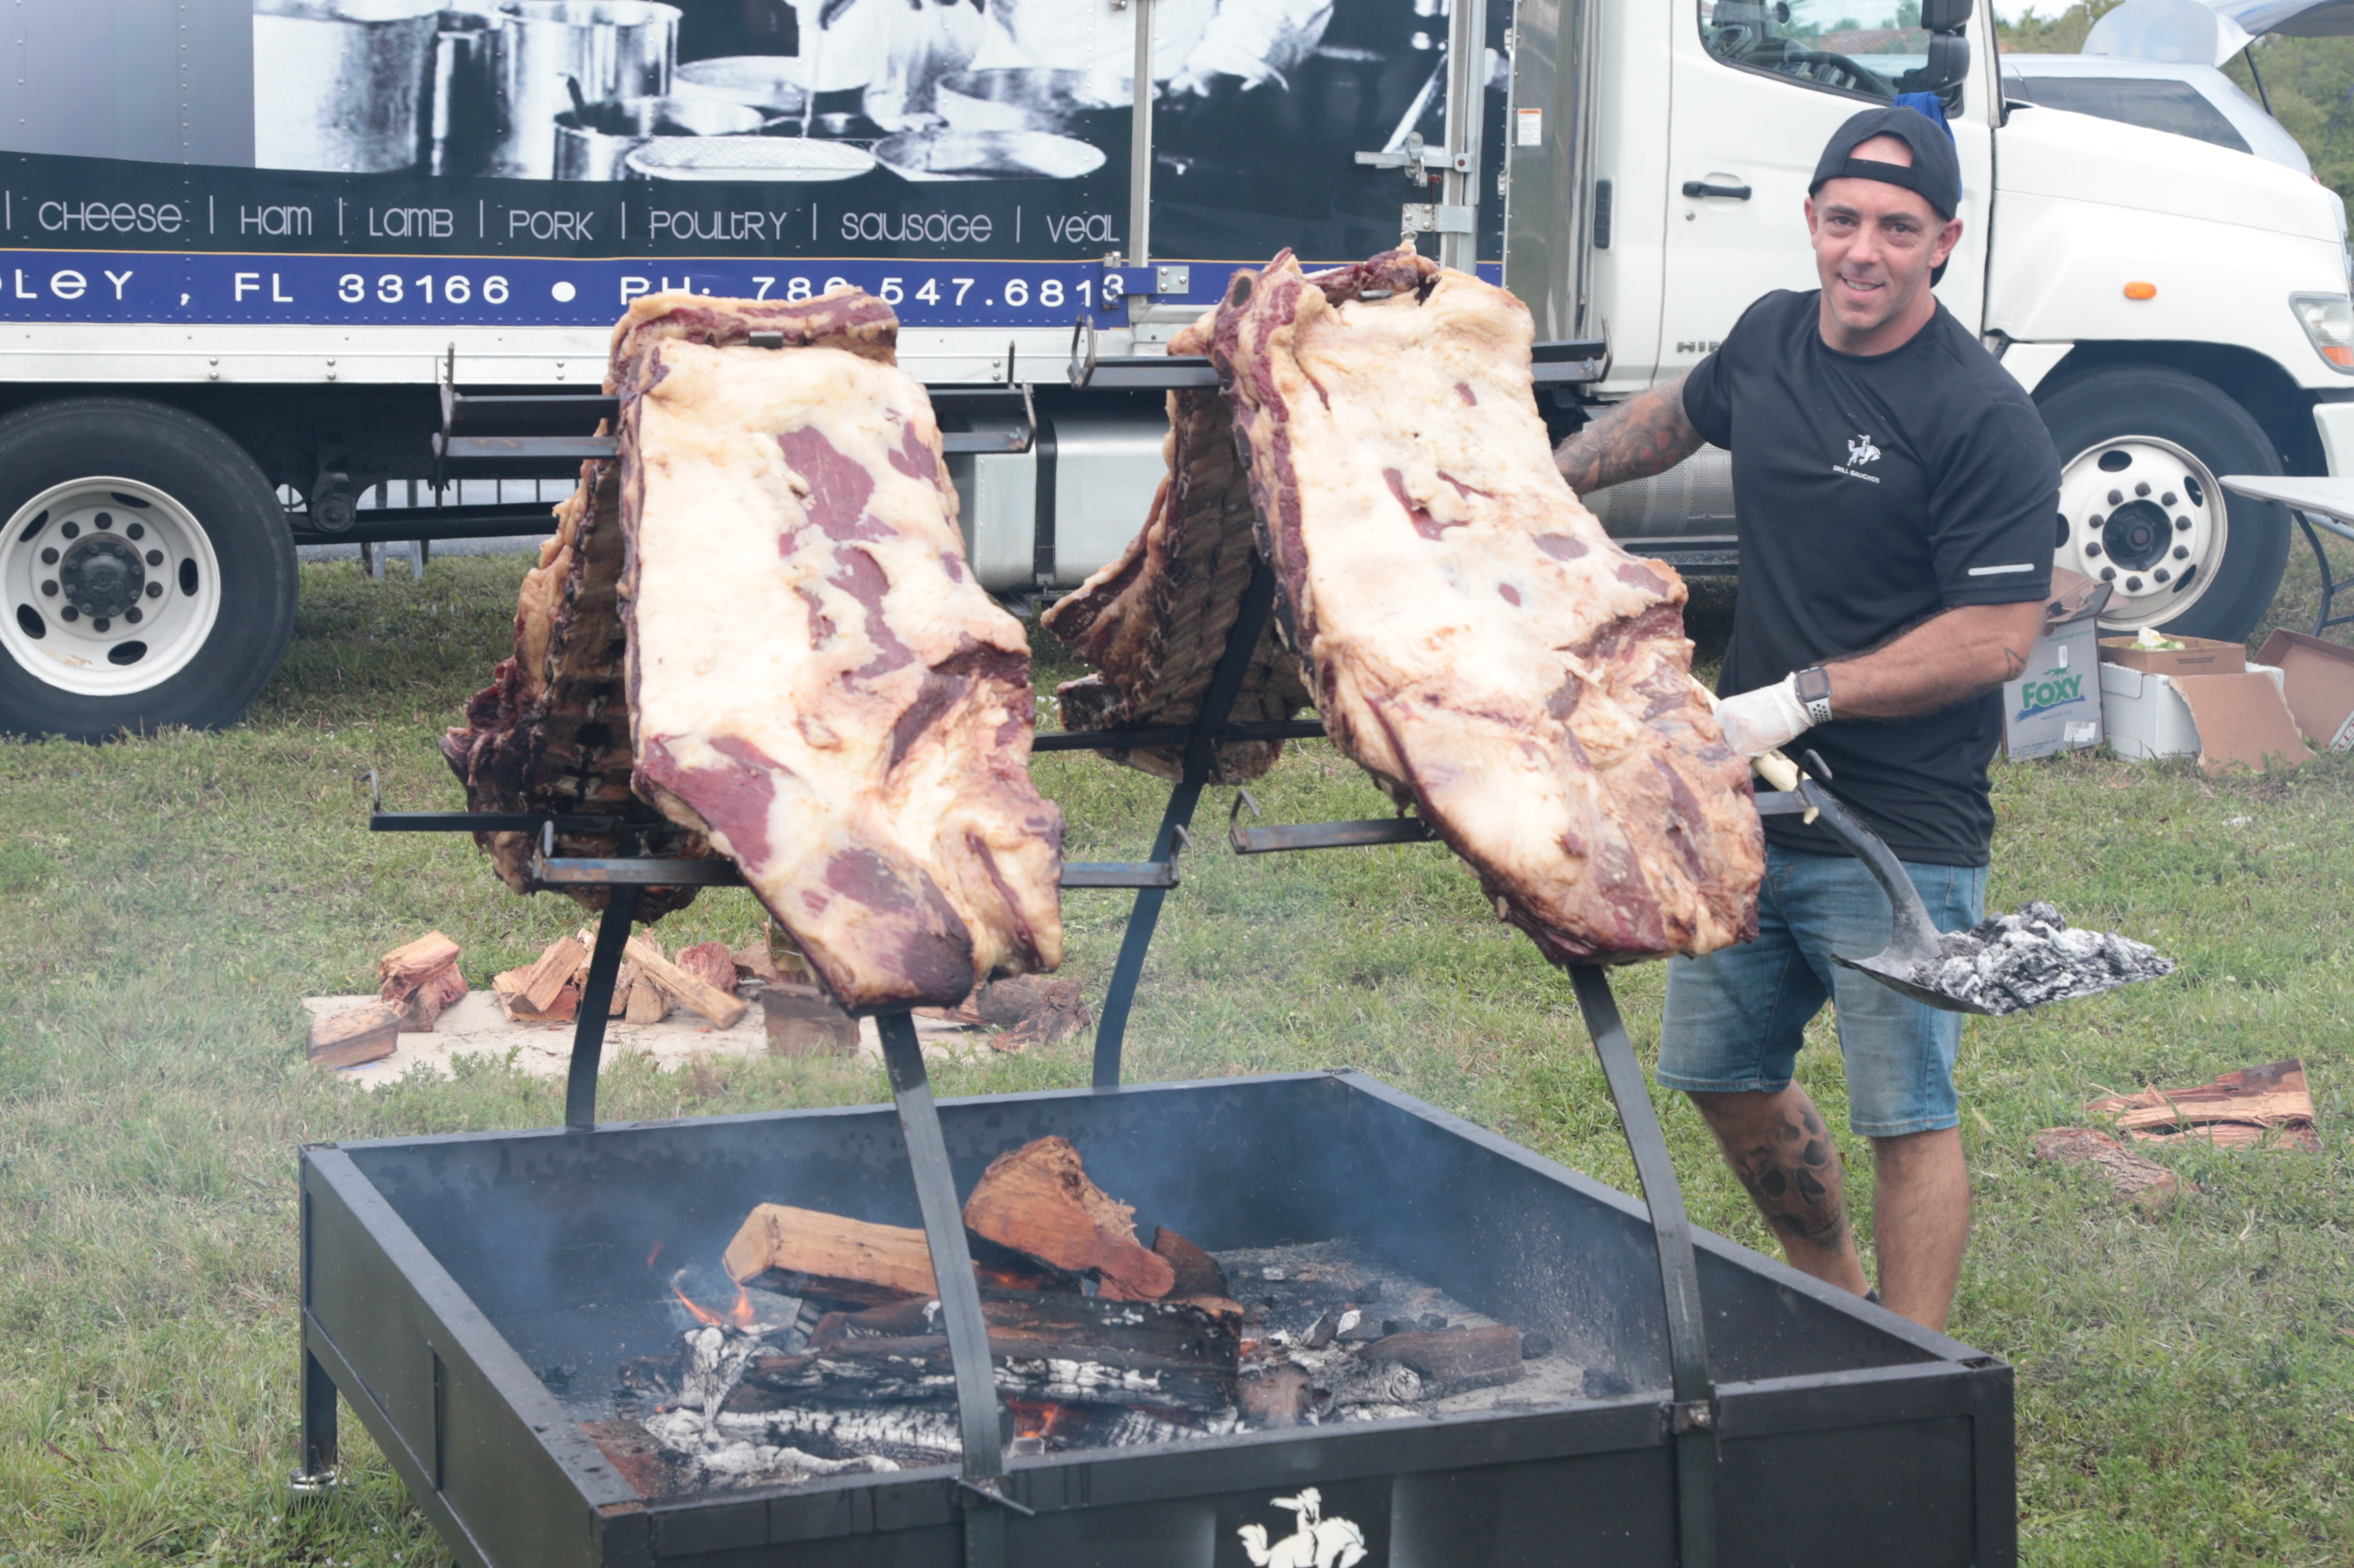 Para la competencia se asaron unos 500 kilos de carne, entre 40 y 50 por equipo.